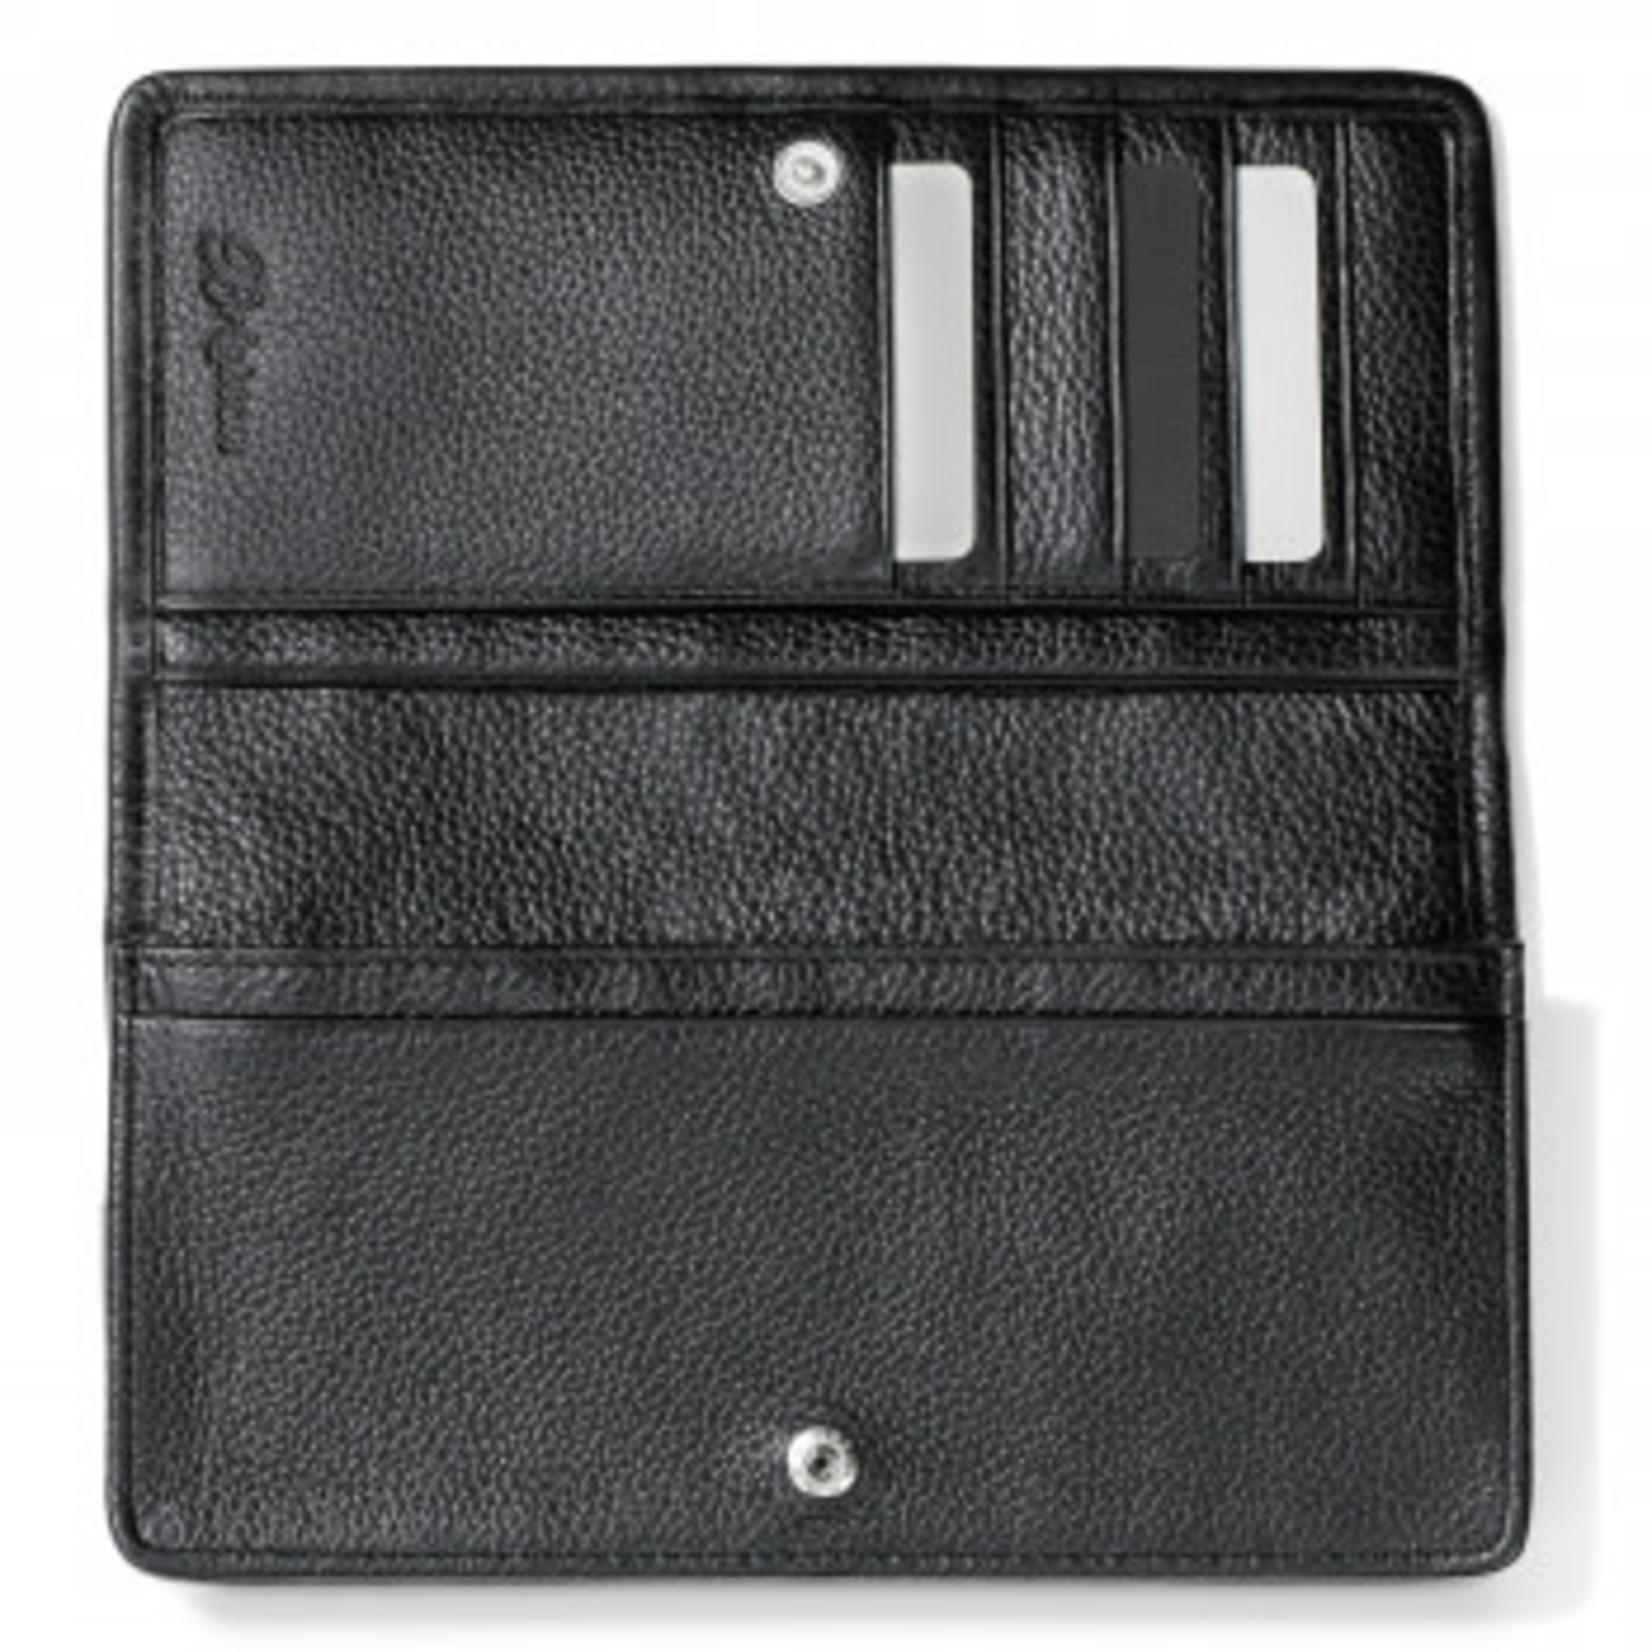 Brighton Interlok Rockmore Wallet in Black